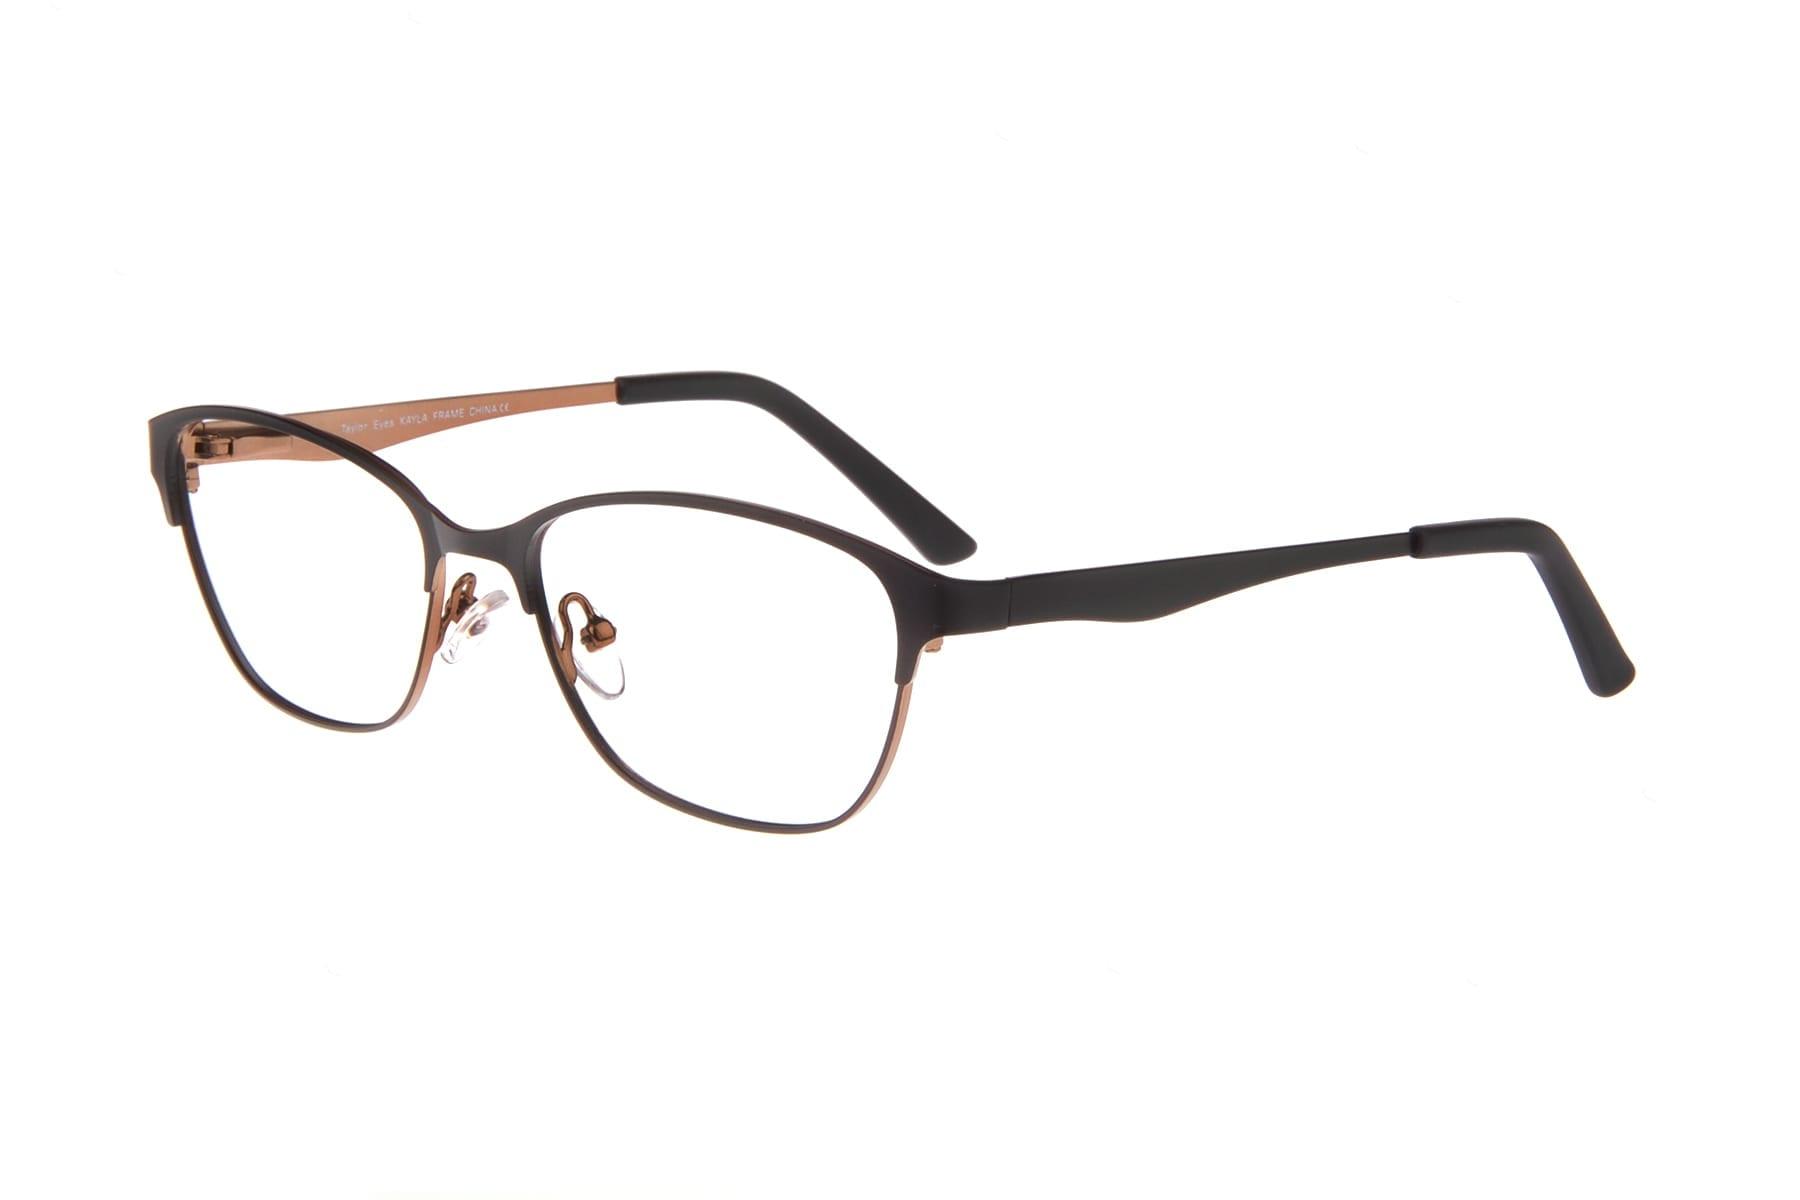 TAYLOR EYES -KAYLA BLACK/BROWN - Visual Eyes Eyewear